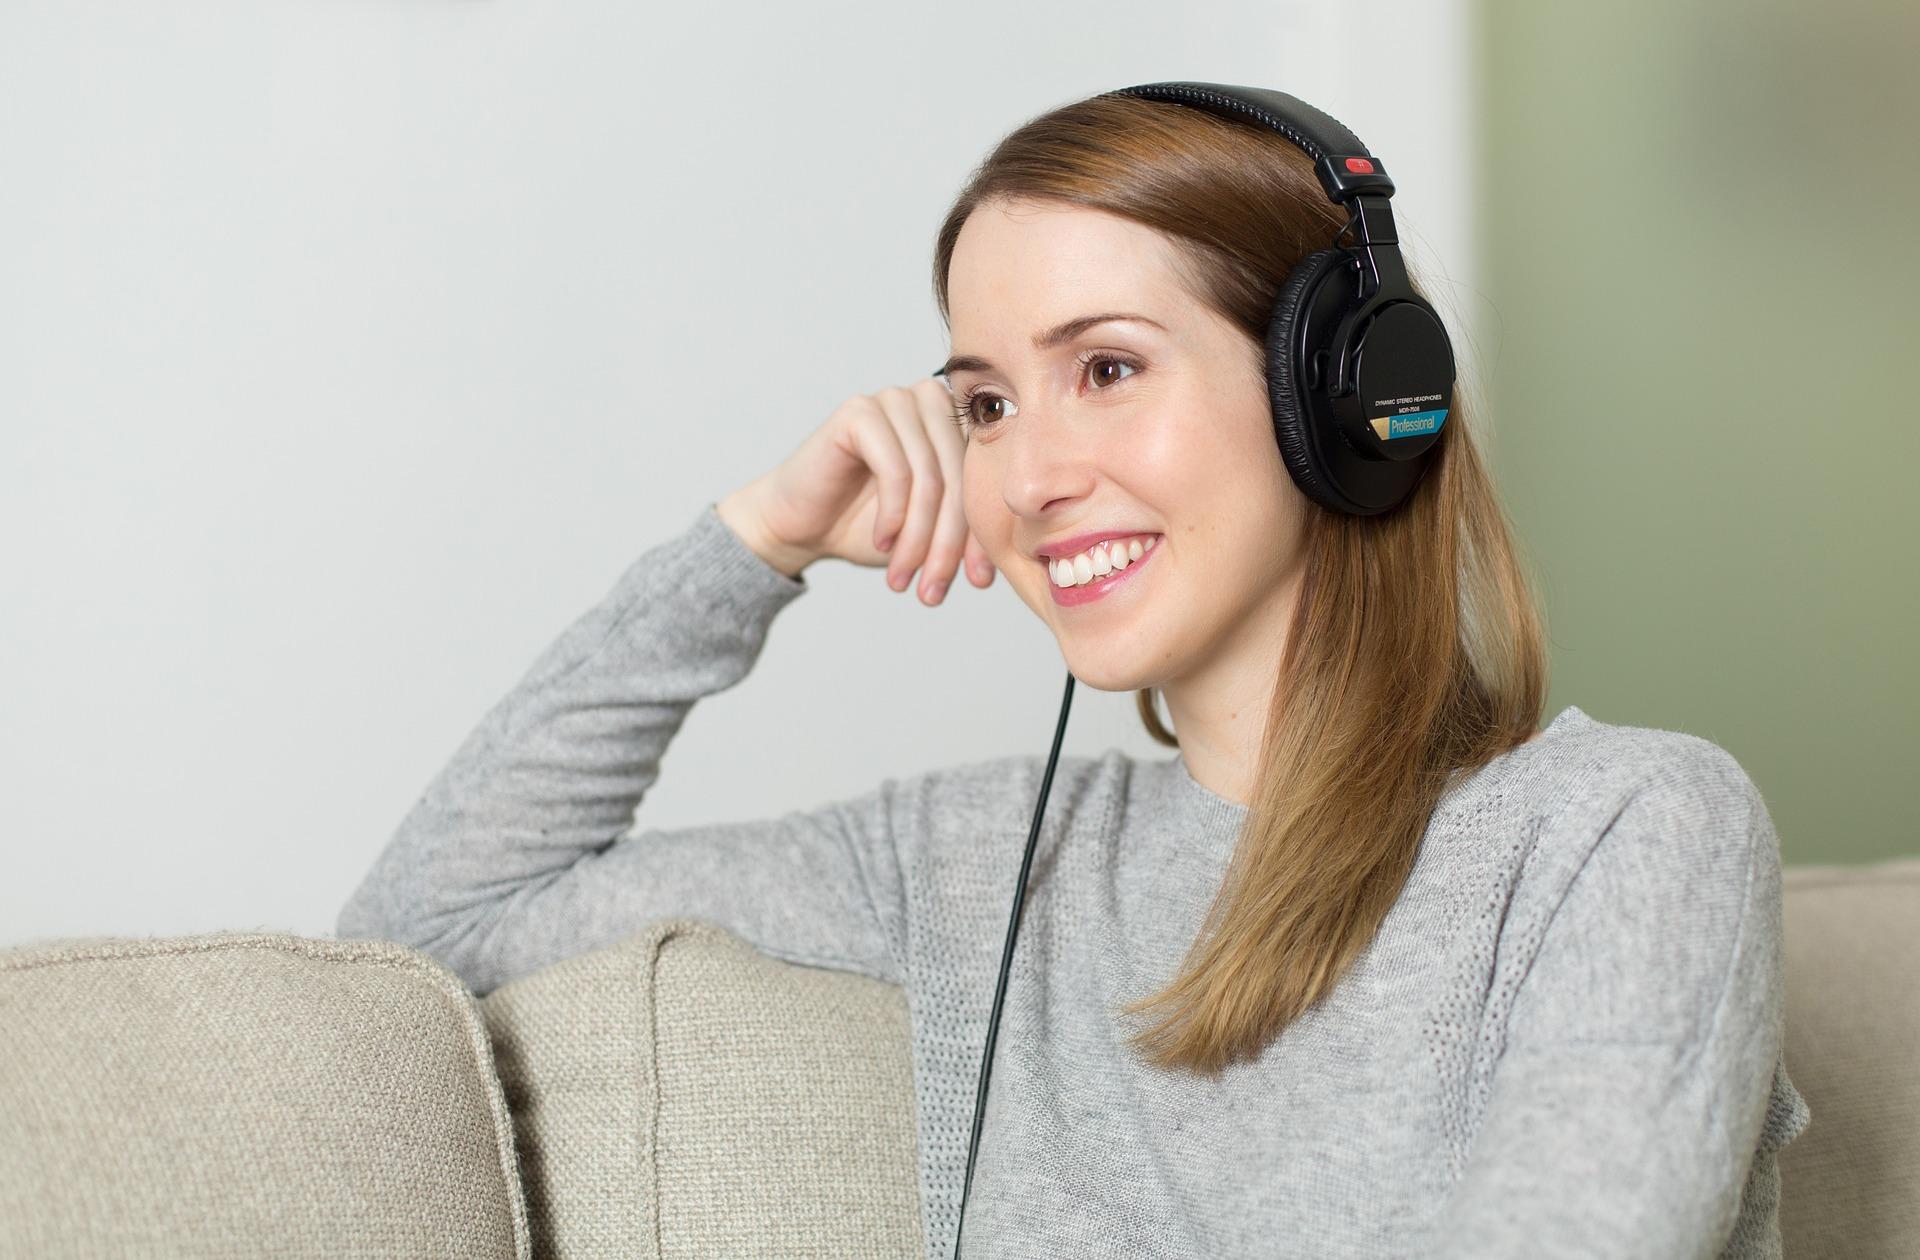 La Musica Aiuta A Stare Meglio